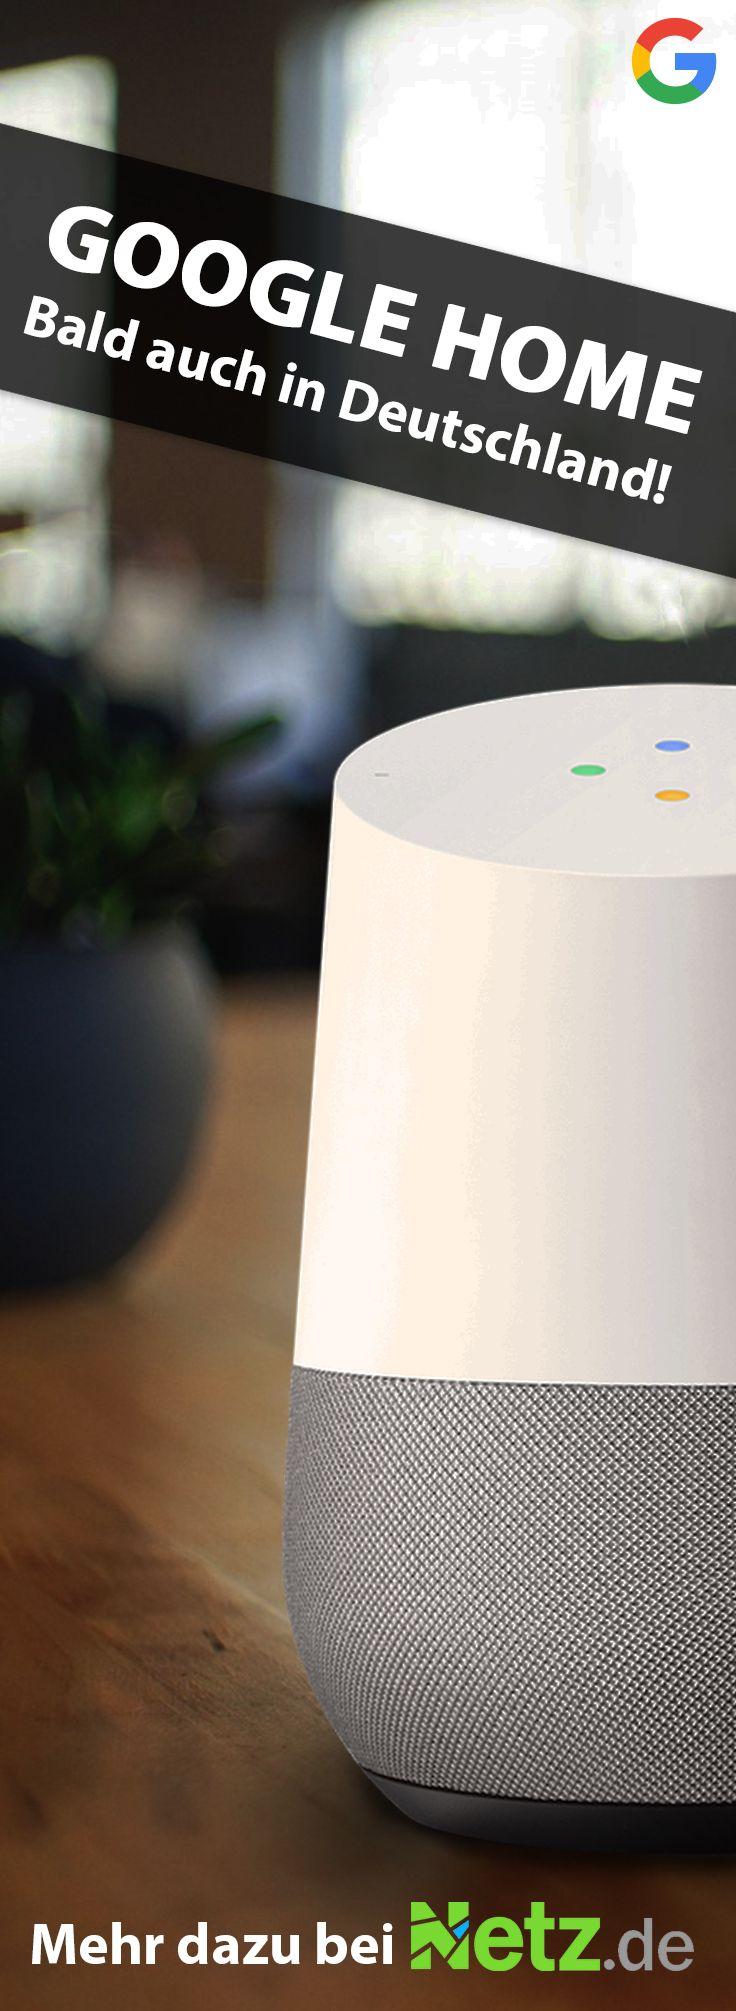 Google Home gibt es voraussichtlich demnächst auch in Deutschland! Wir sind gespannt. Mehr Infos auf Netz.de.